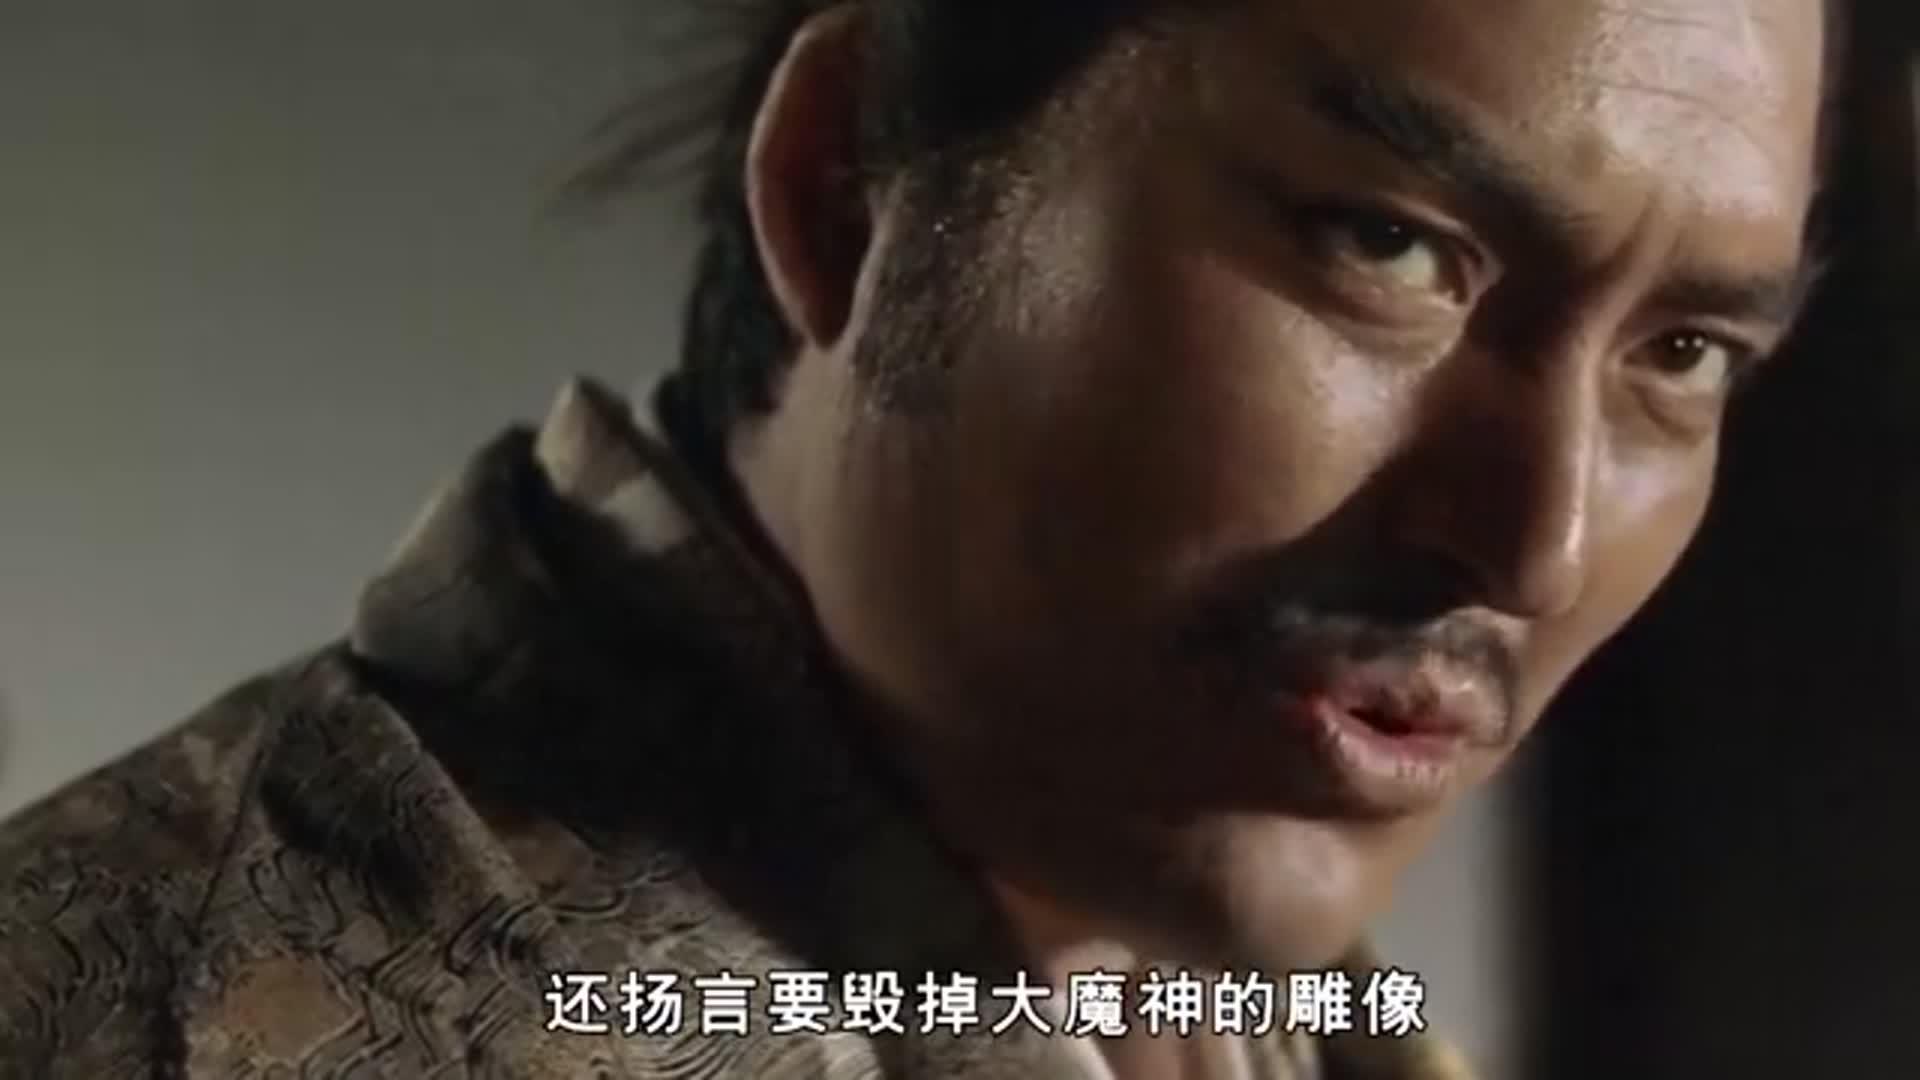 奇幻片:美人的眼泪就连神魔也受不了,日本的特摄电影《大魔神》